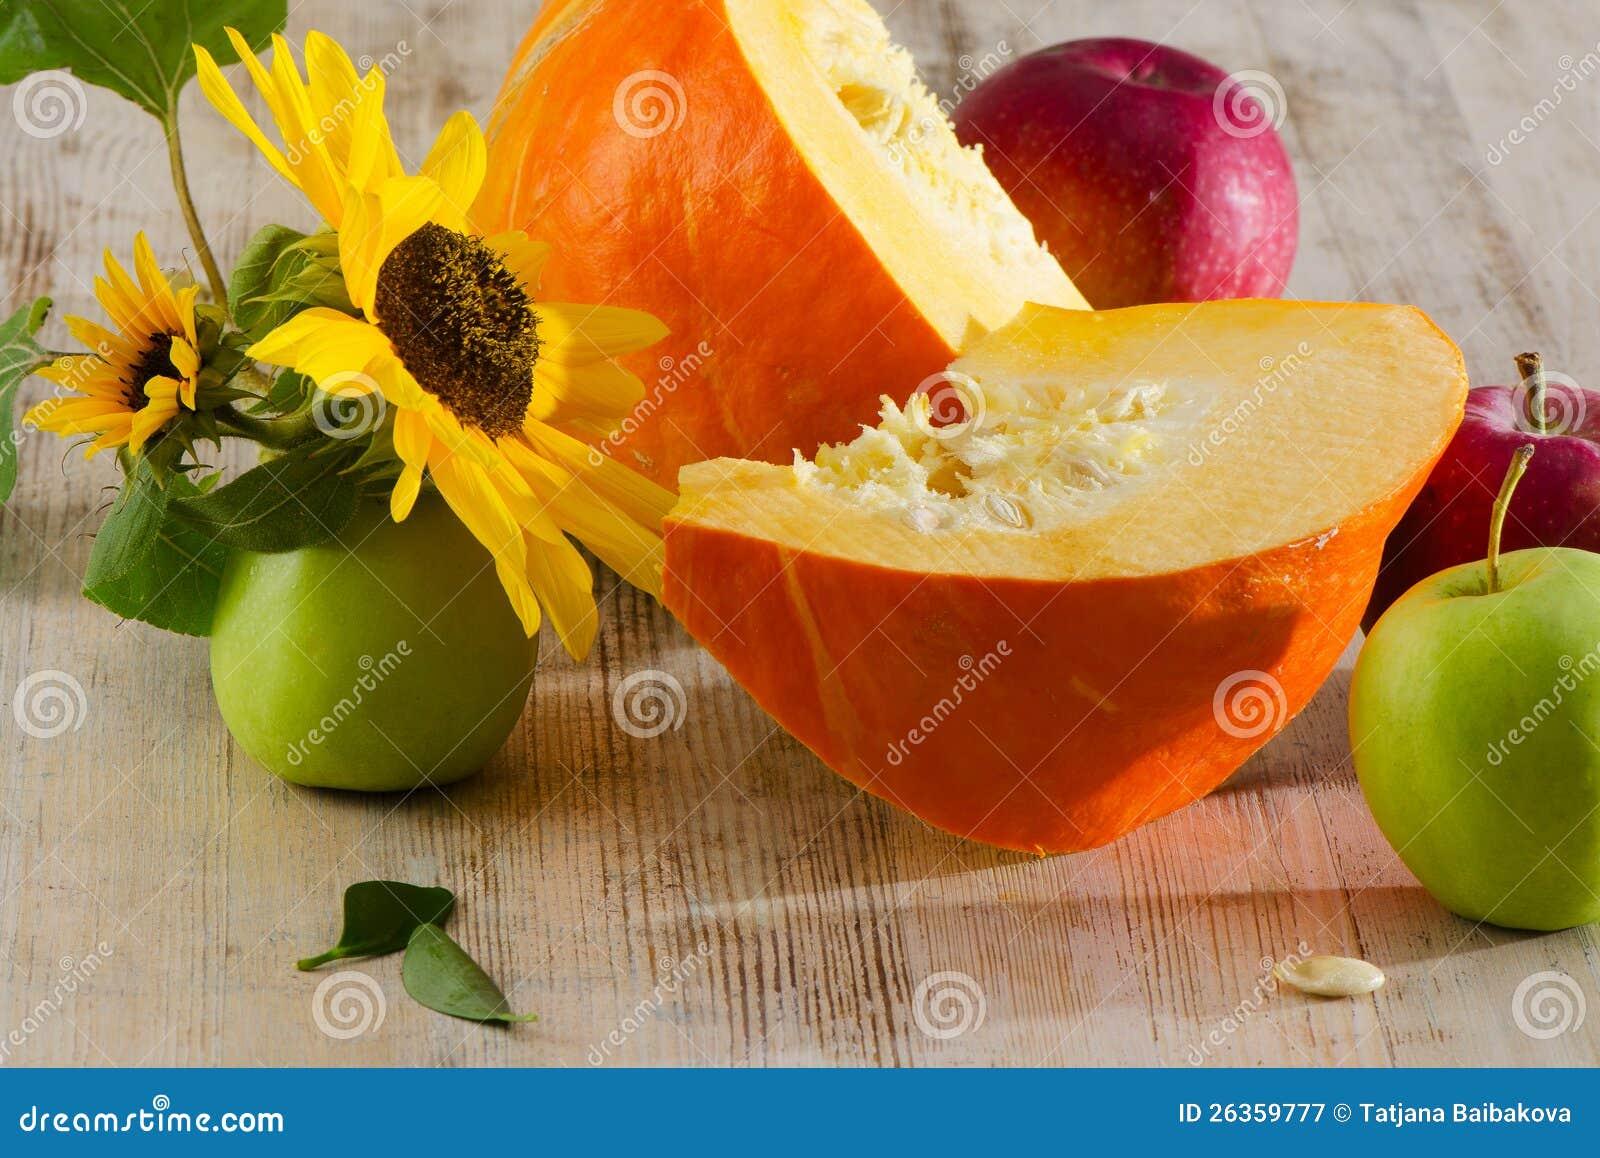 Kürbis und Äpfel